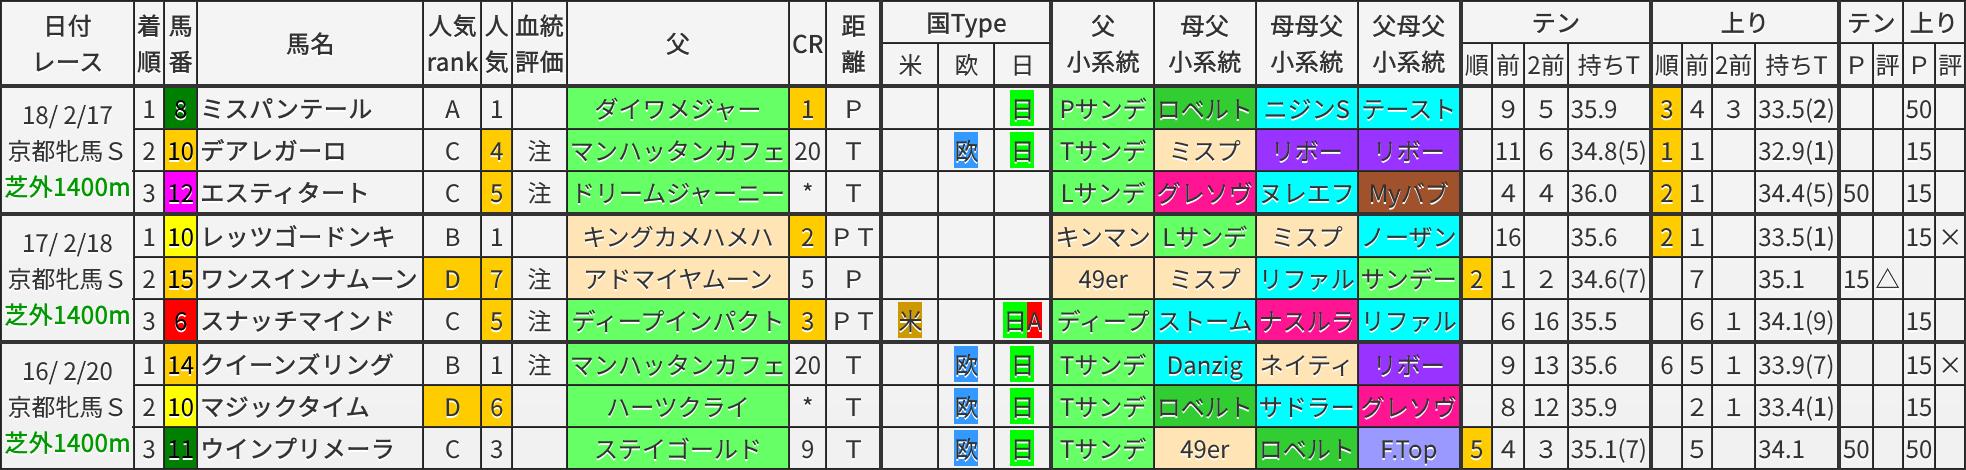 京都牝馬S 過去3年ブラッドバイアス